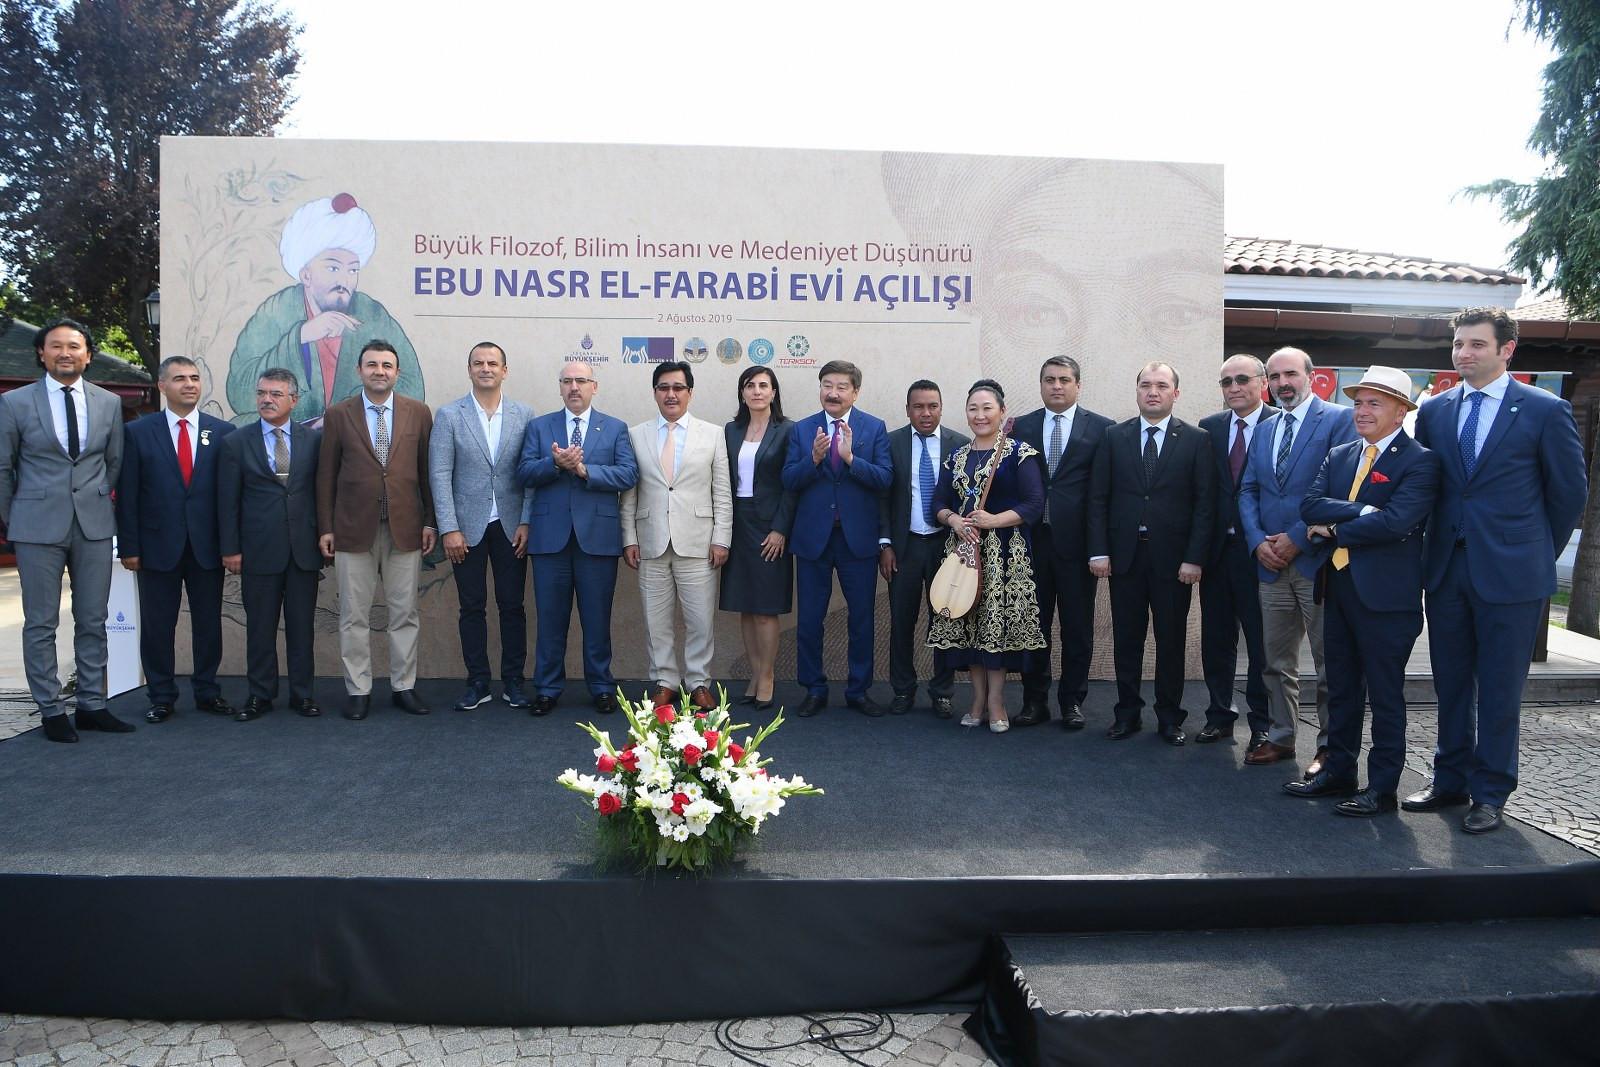 Ebu Nasr El Farabi Evi açıldı Galeri - 18. Resim